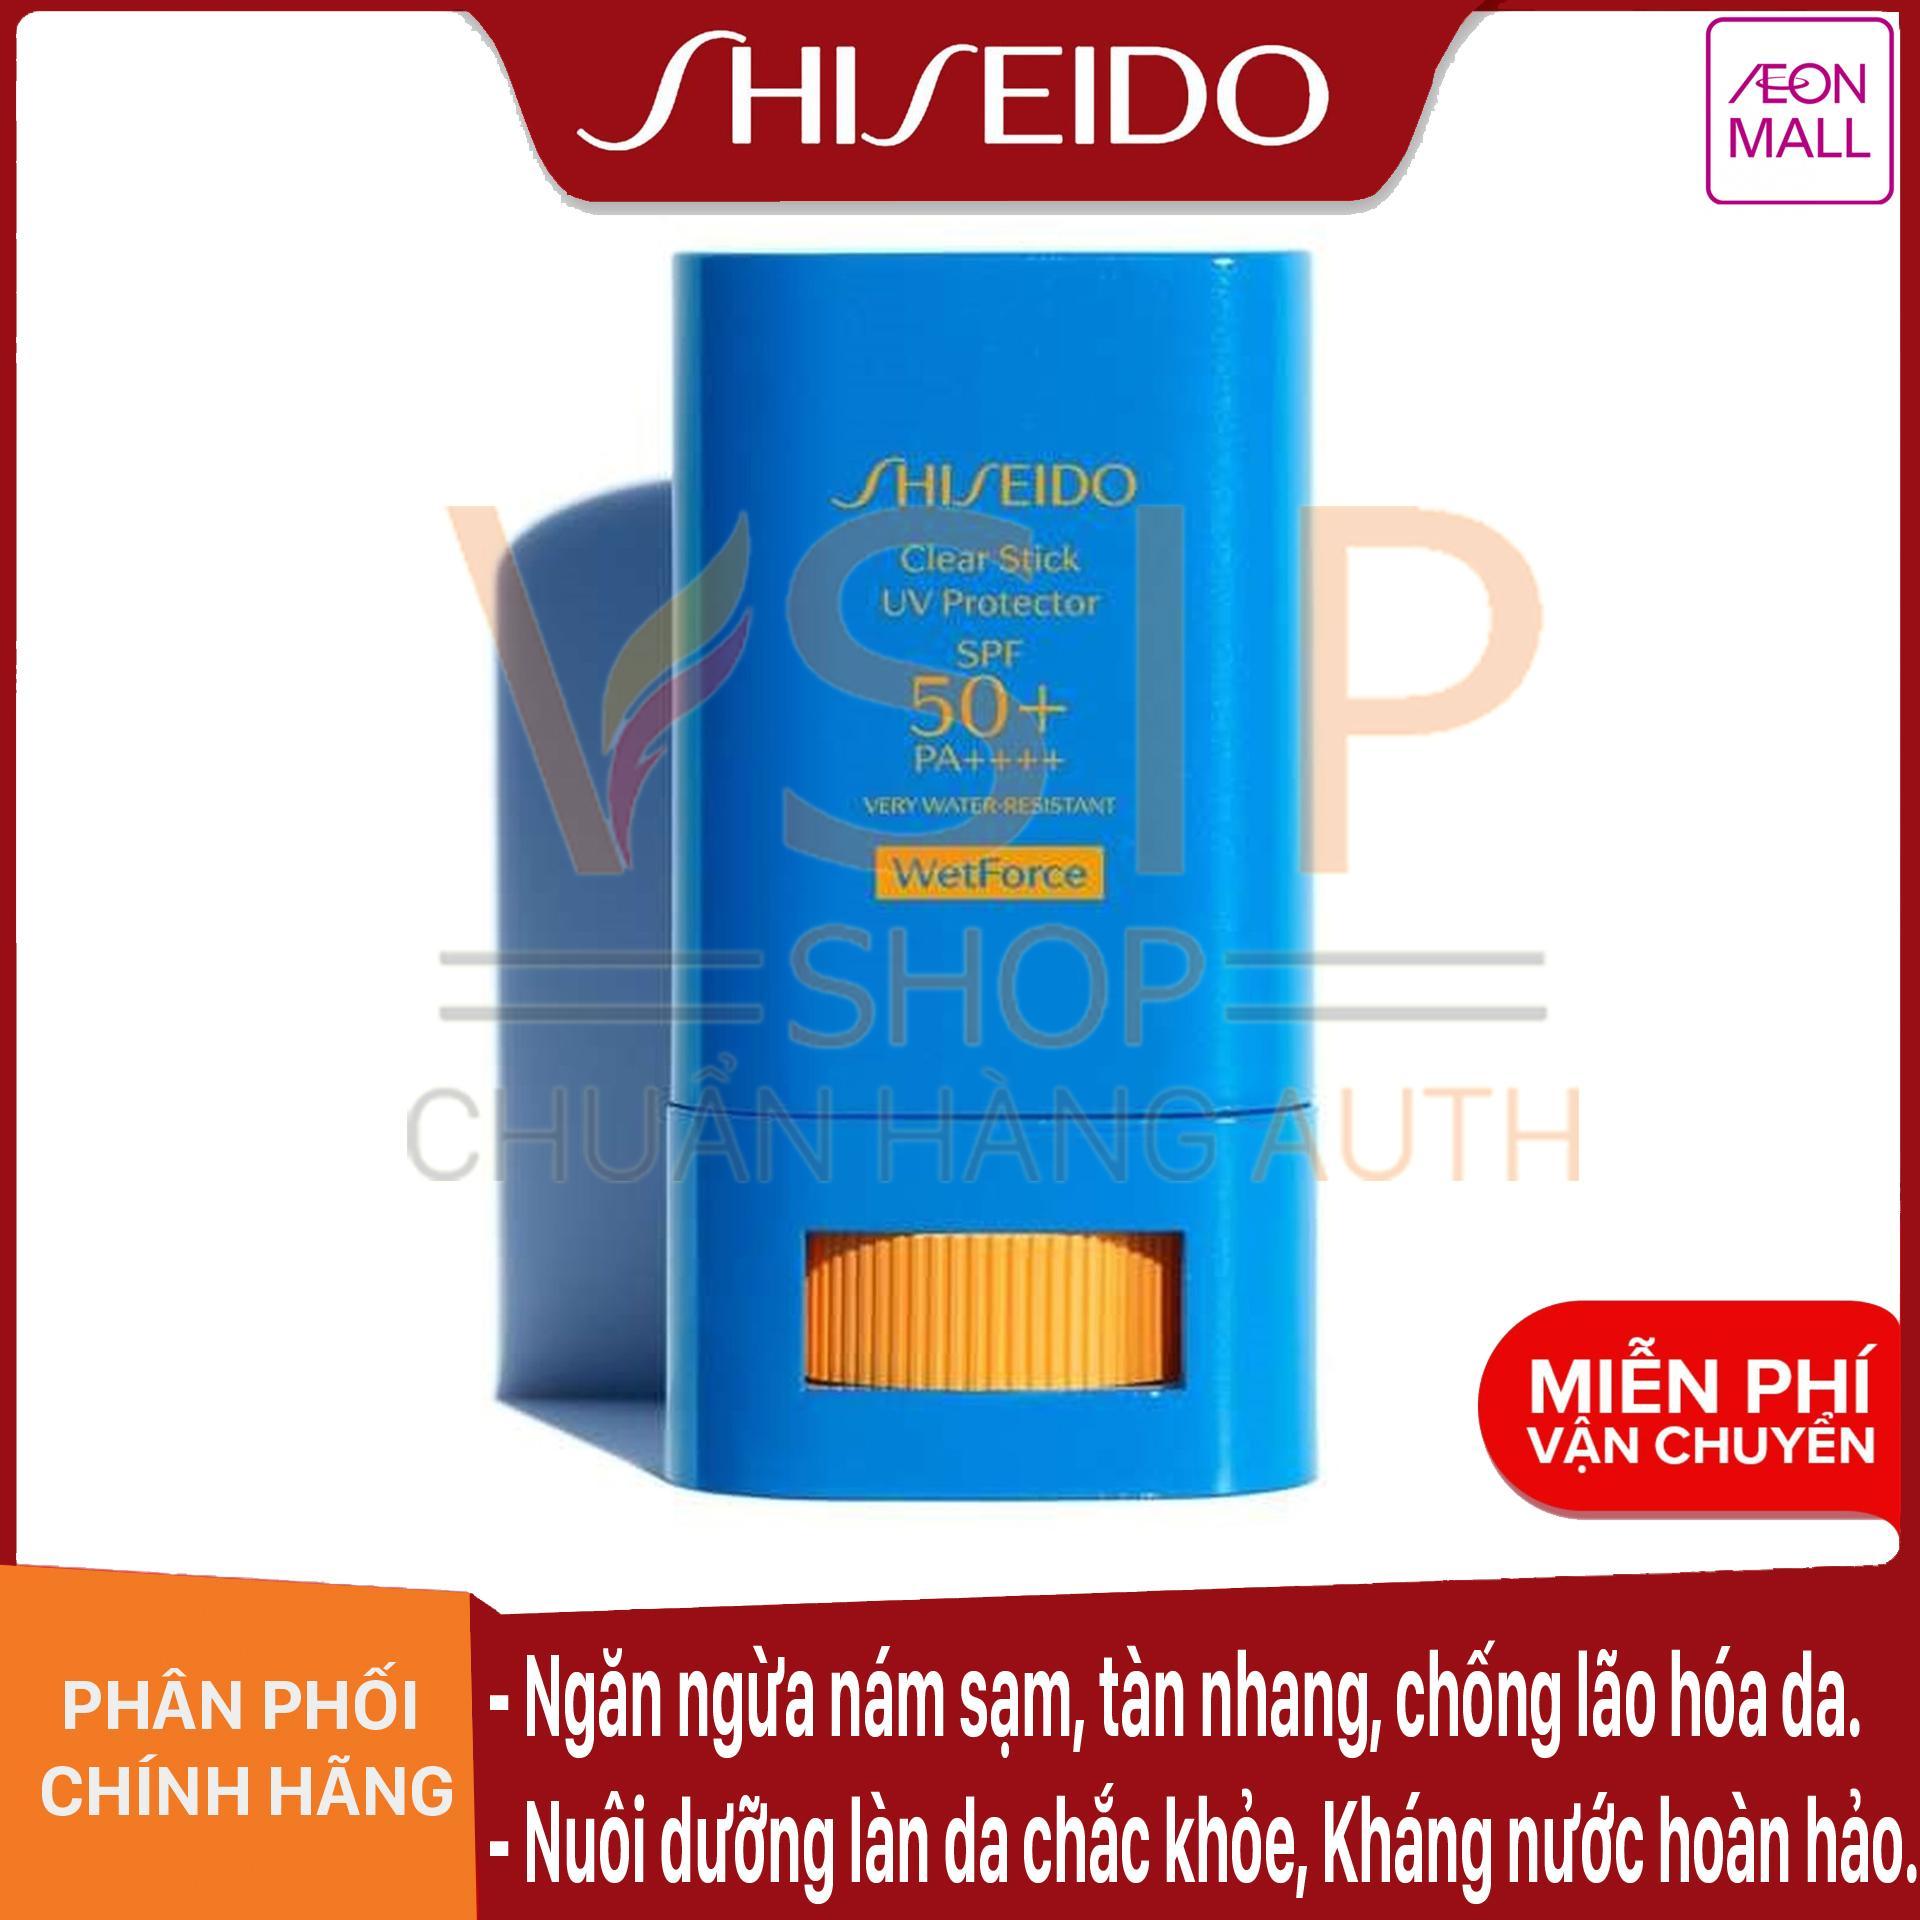 Kem Chống Nắng Dạng Sáp Không Trôi Shiseido Clear Stick UV Protector 15g Cùng Giá Khuyến Mãi Hot